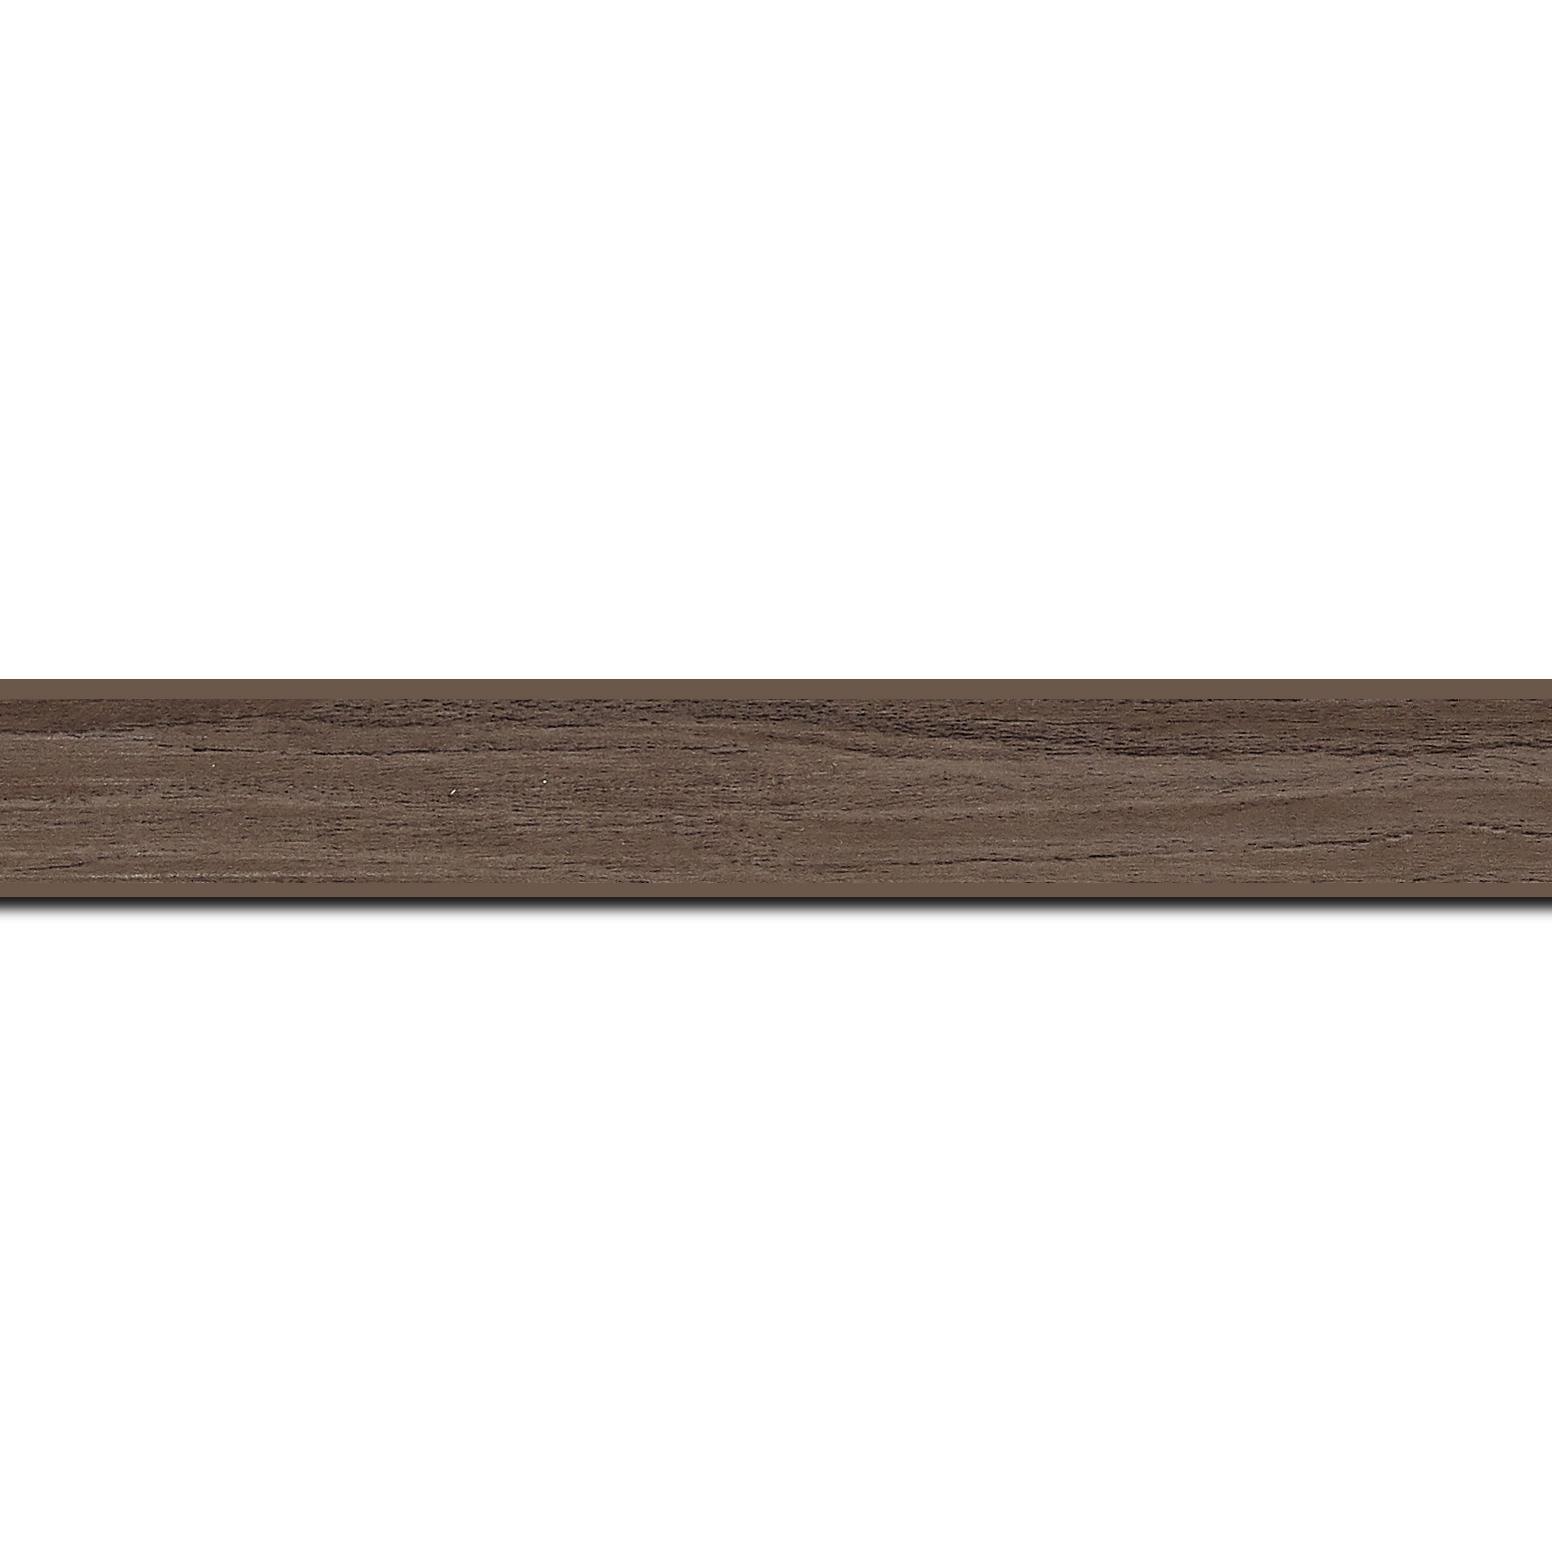 Pack par 12m, bois profil plat largeur 2.6cm hauteur 5cm décor bois noyer(longueur baguette pouvant varier entre 2.40m et 3m selon arrivage des bois)